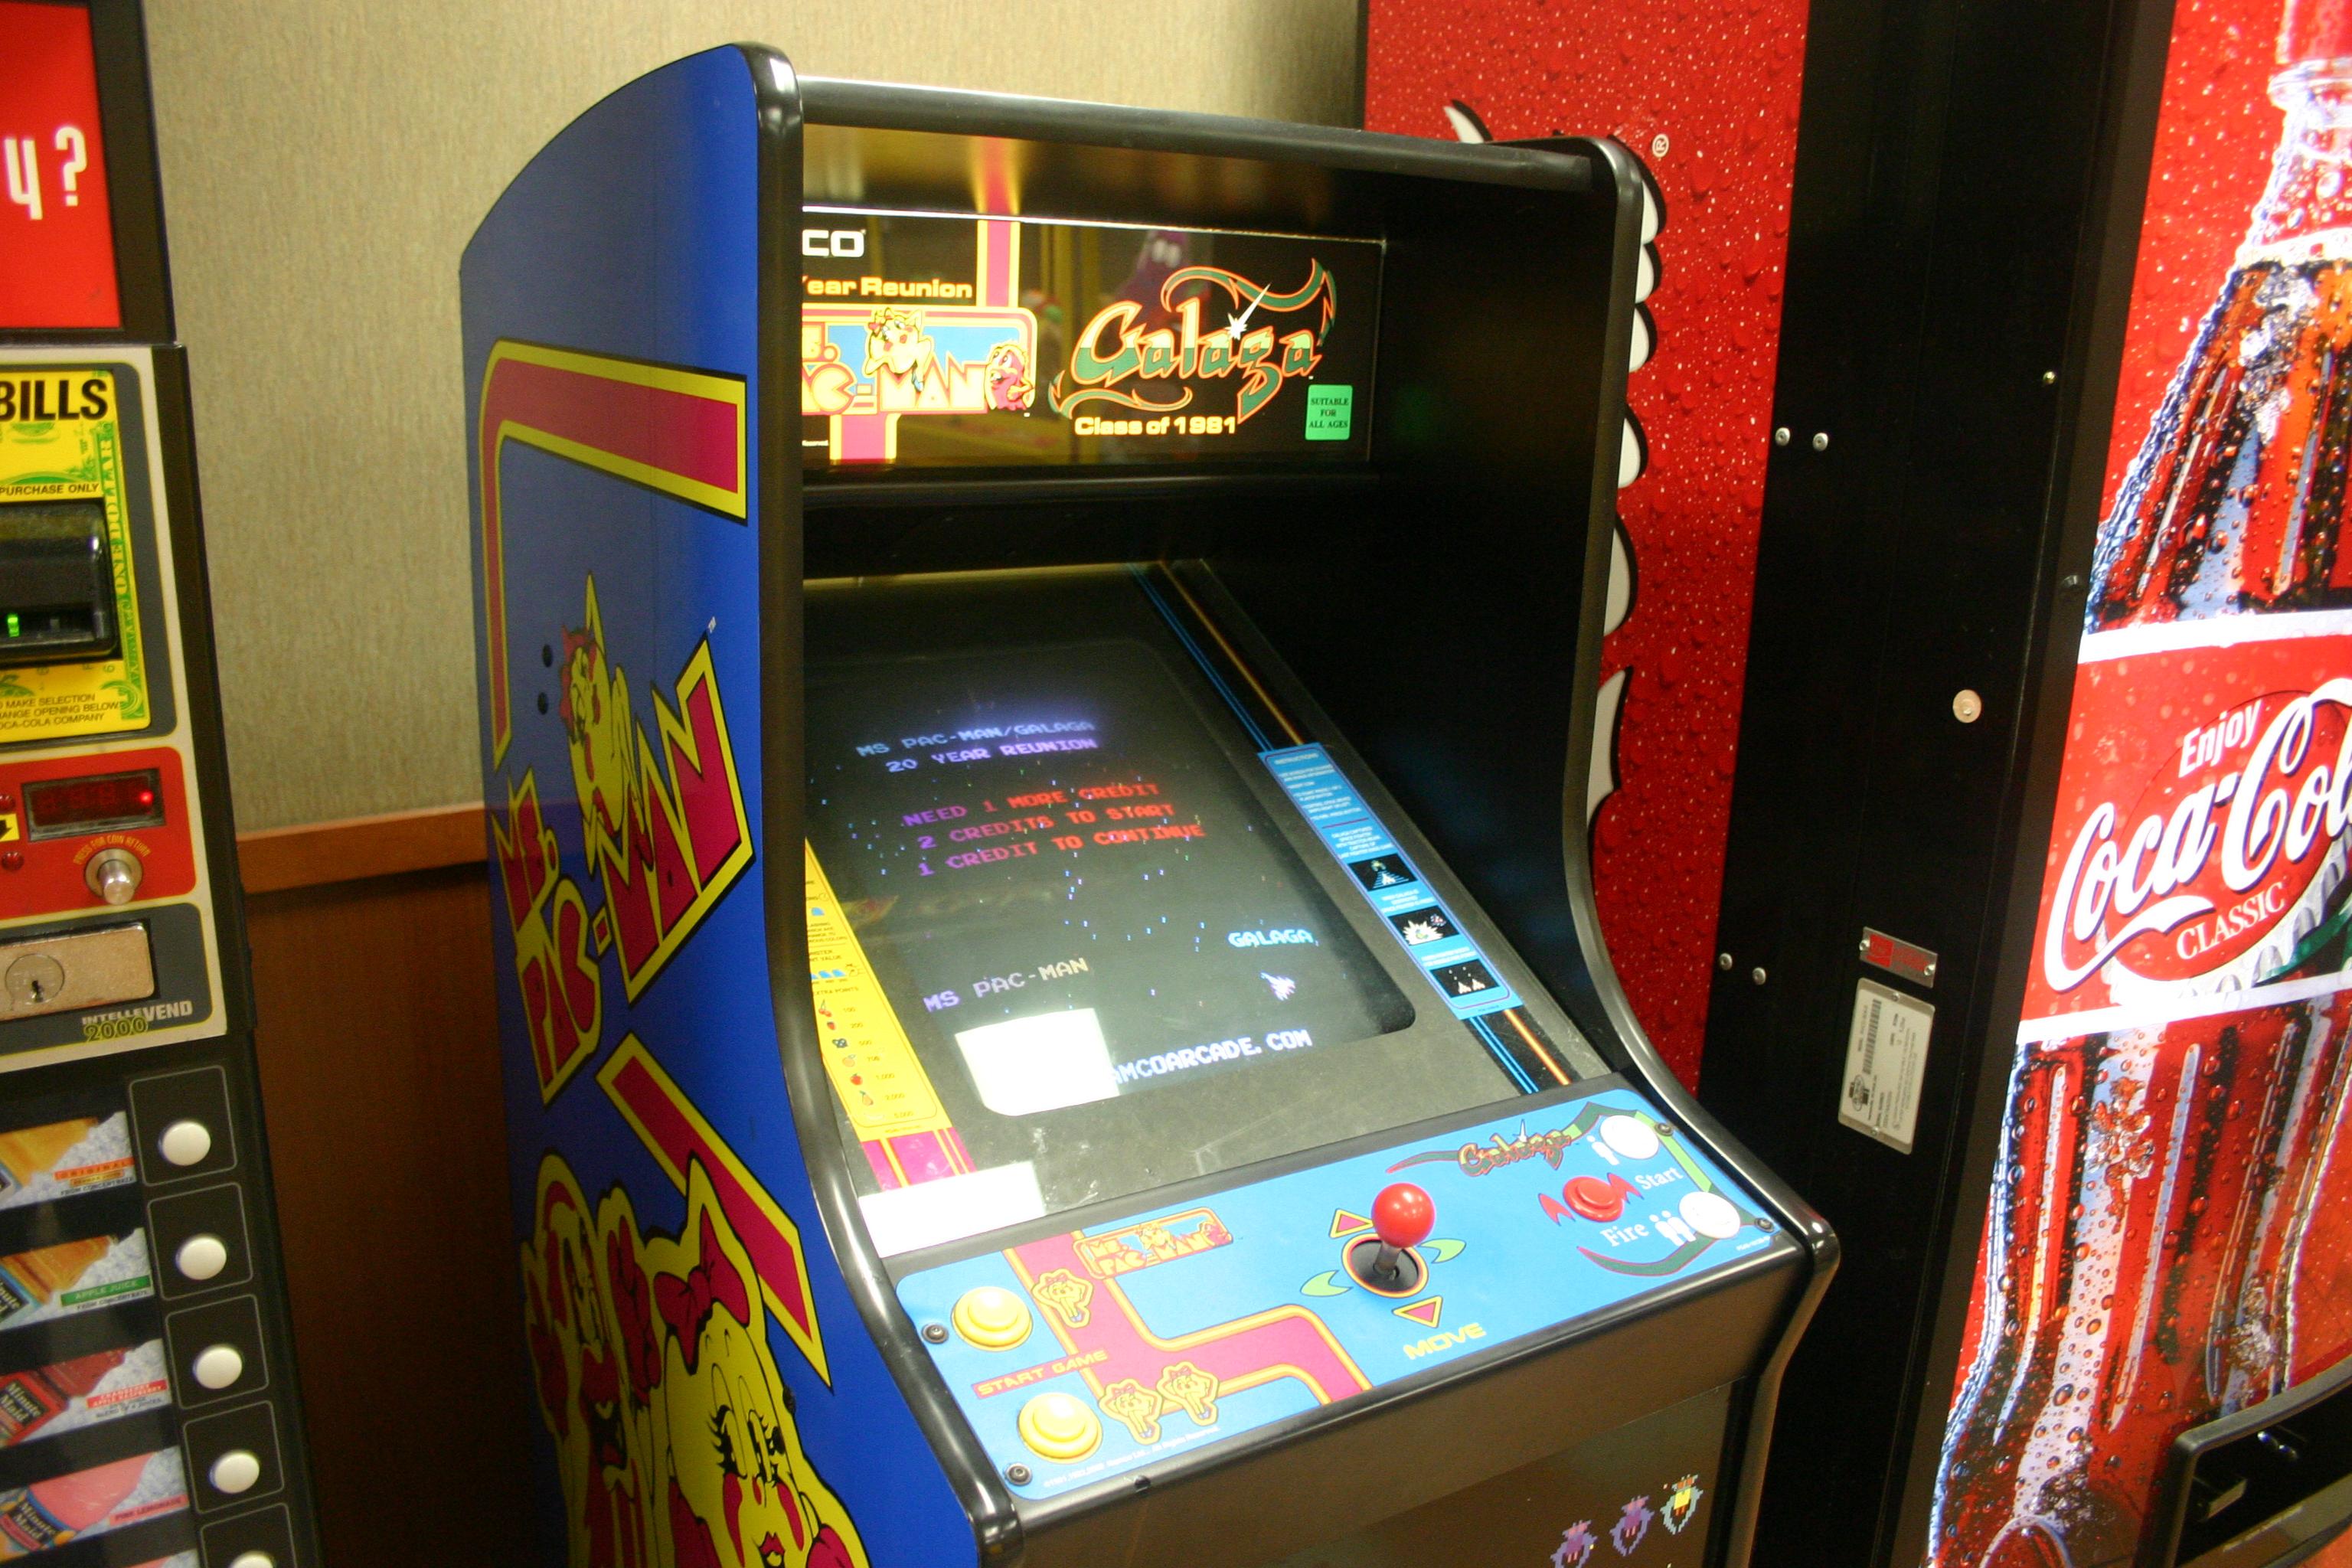 Ingyenes arcade videójáték kihelyezéséért büntetett a NAV